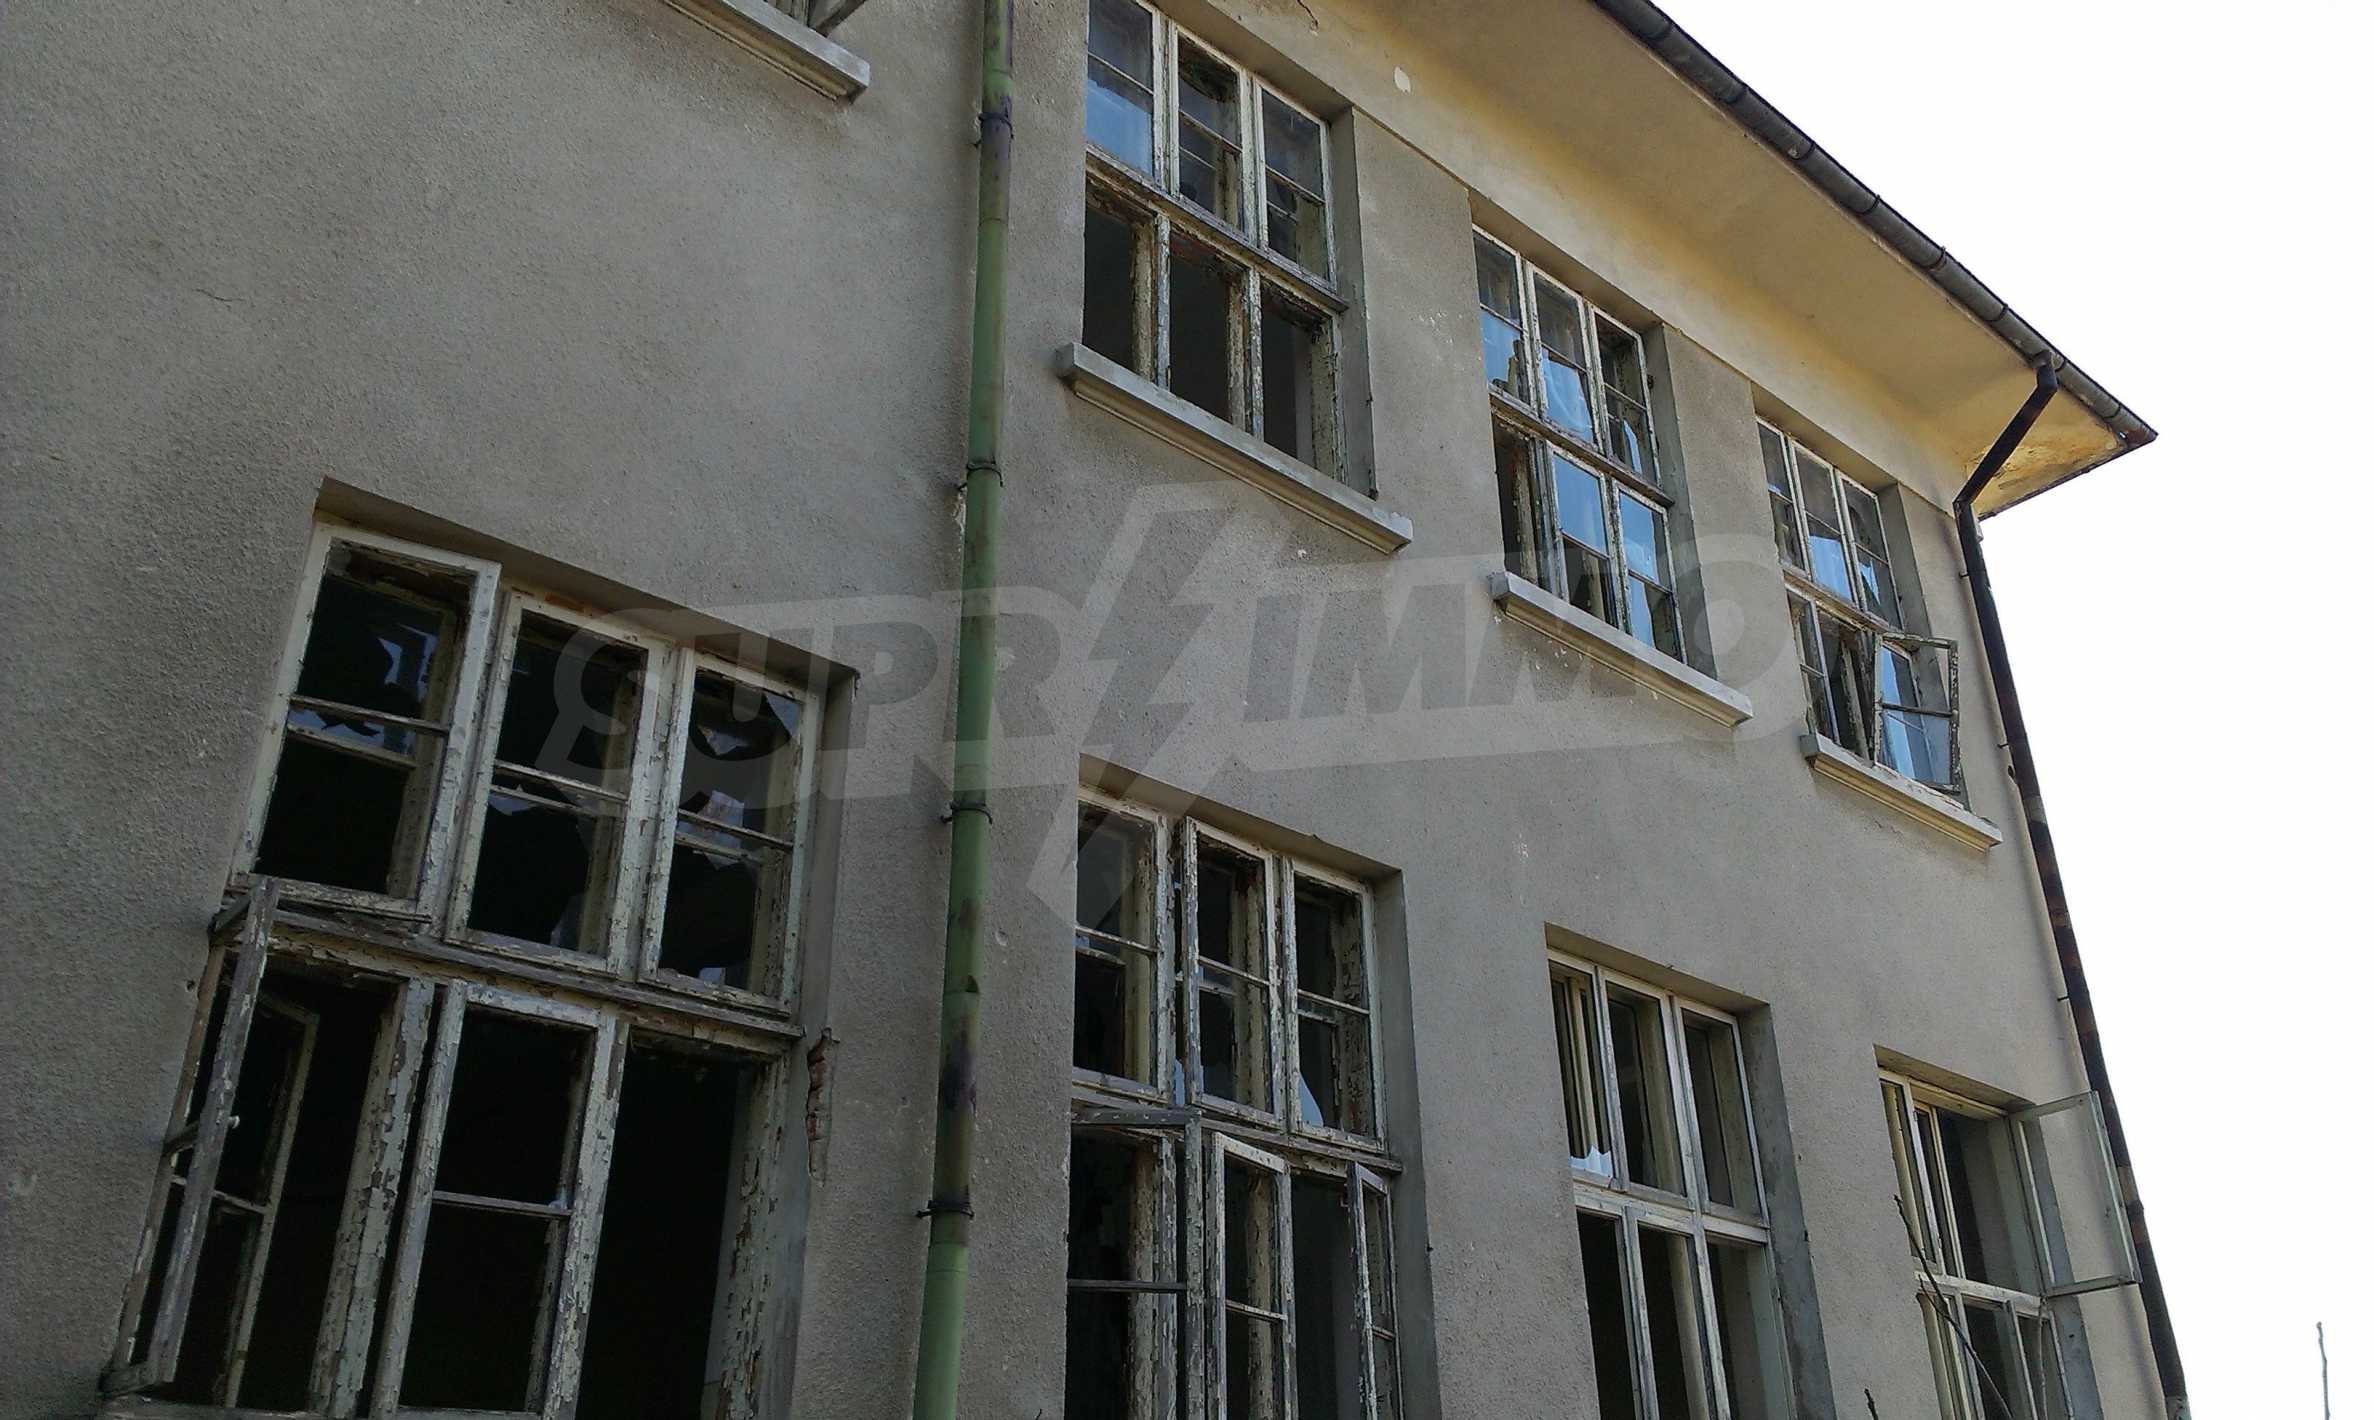 Zwei massive Gebäude auf einem großen Grundstück 35 km von der Stadt Russe und der Donau entfernt 54